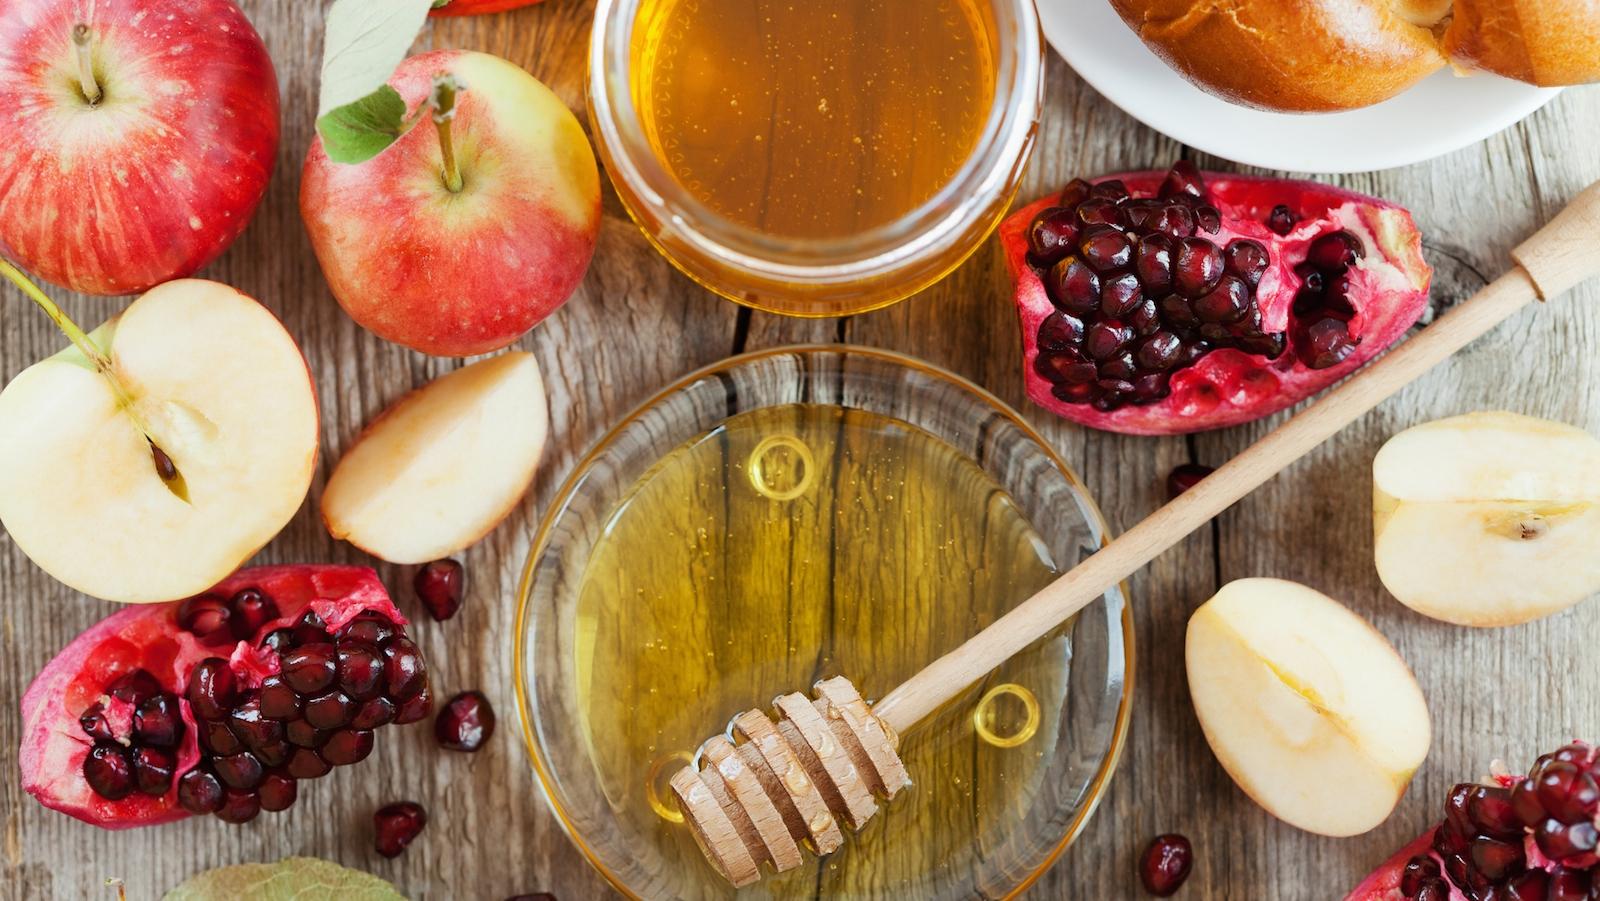 Jewish New Year Food Recipes